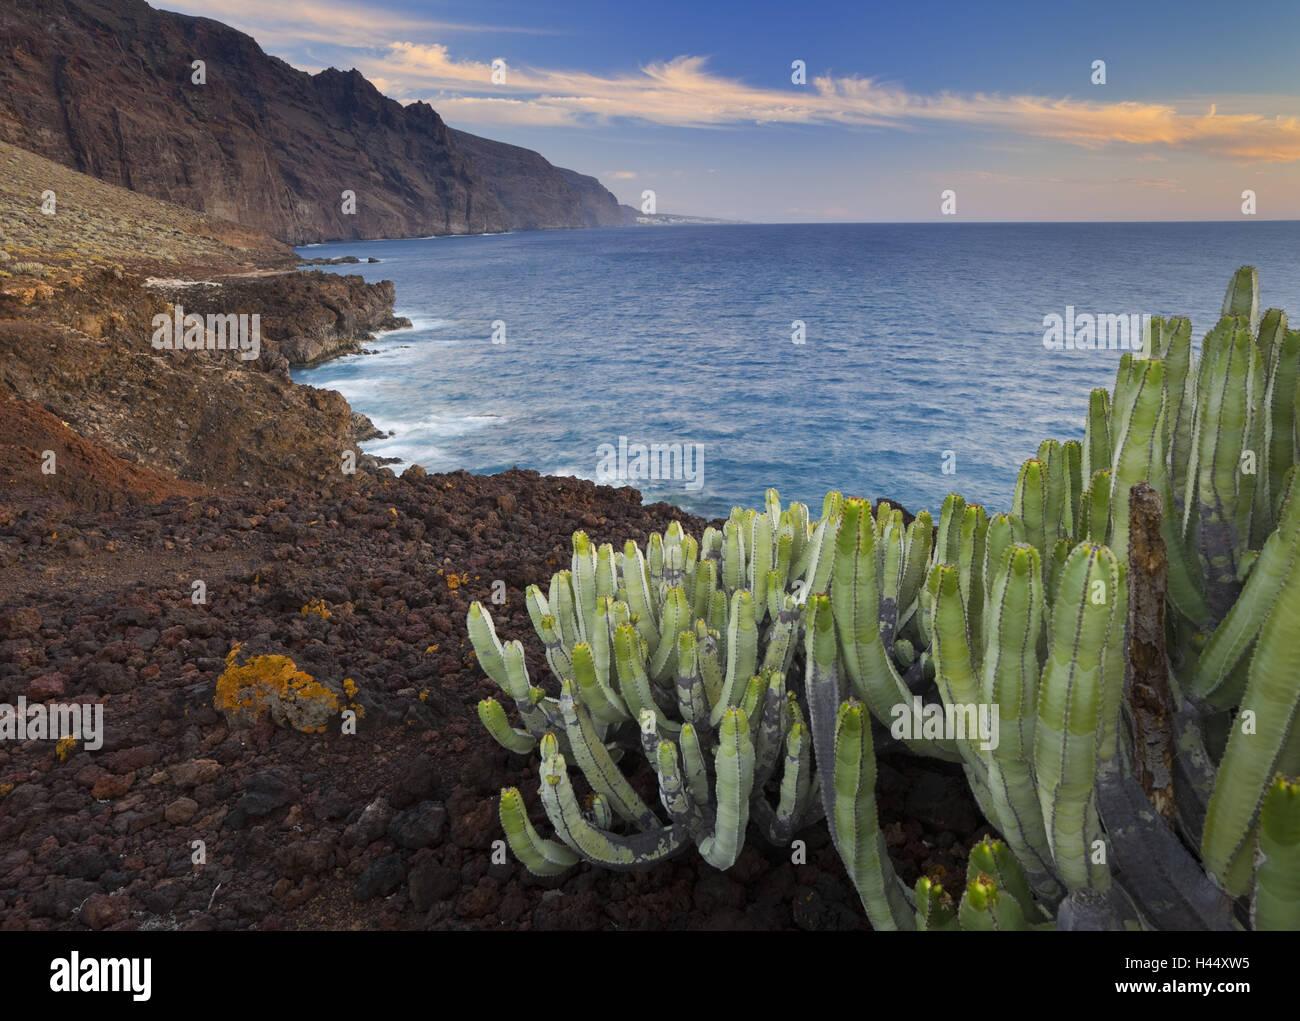 Spanien, Kanarische Inseln, Teneriffa, Punta di Teno, Los Gigantes, Kakteen, Stockbild